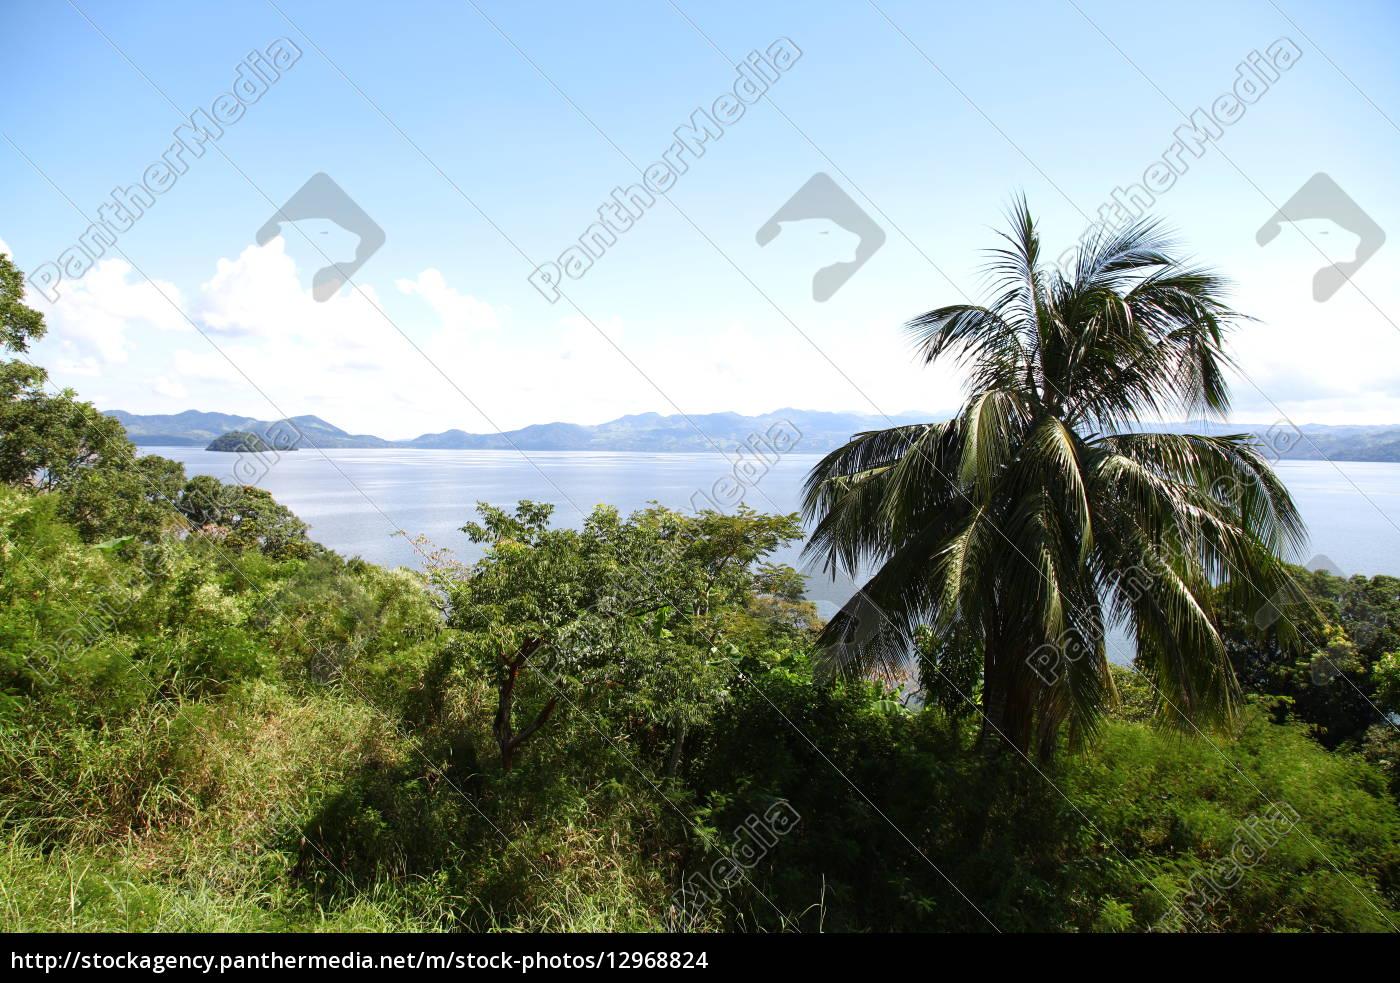 Mexiko, See, Gewässer, Himmel, Wolken, Urlaub - 12968824